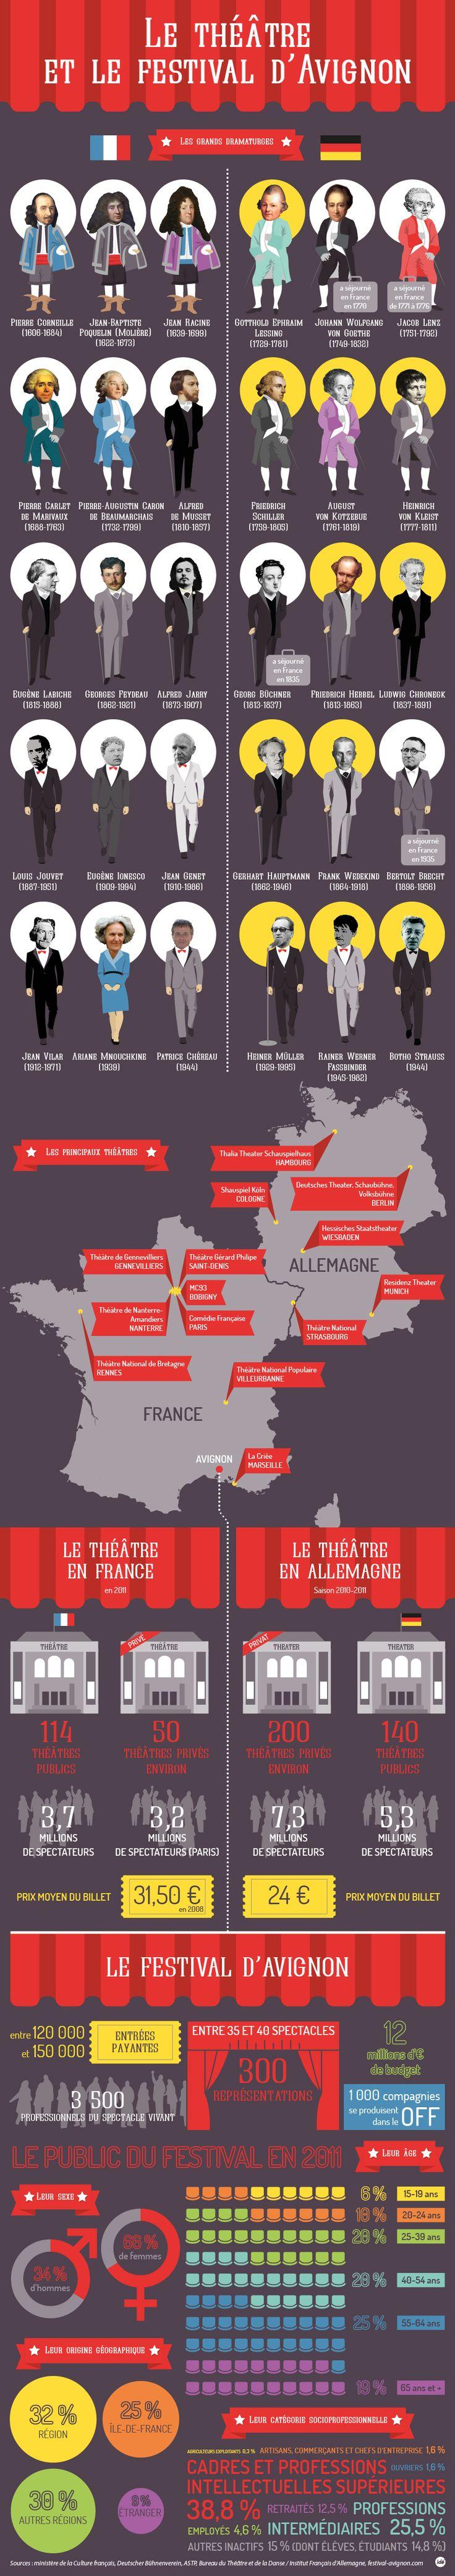 Le théâtre et le festival d'Avignon - ARTE